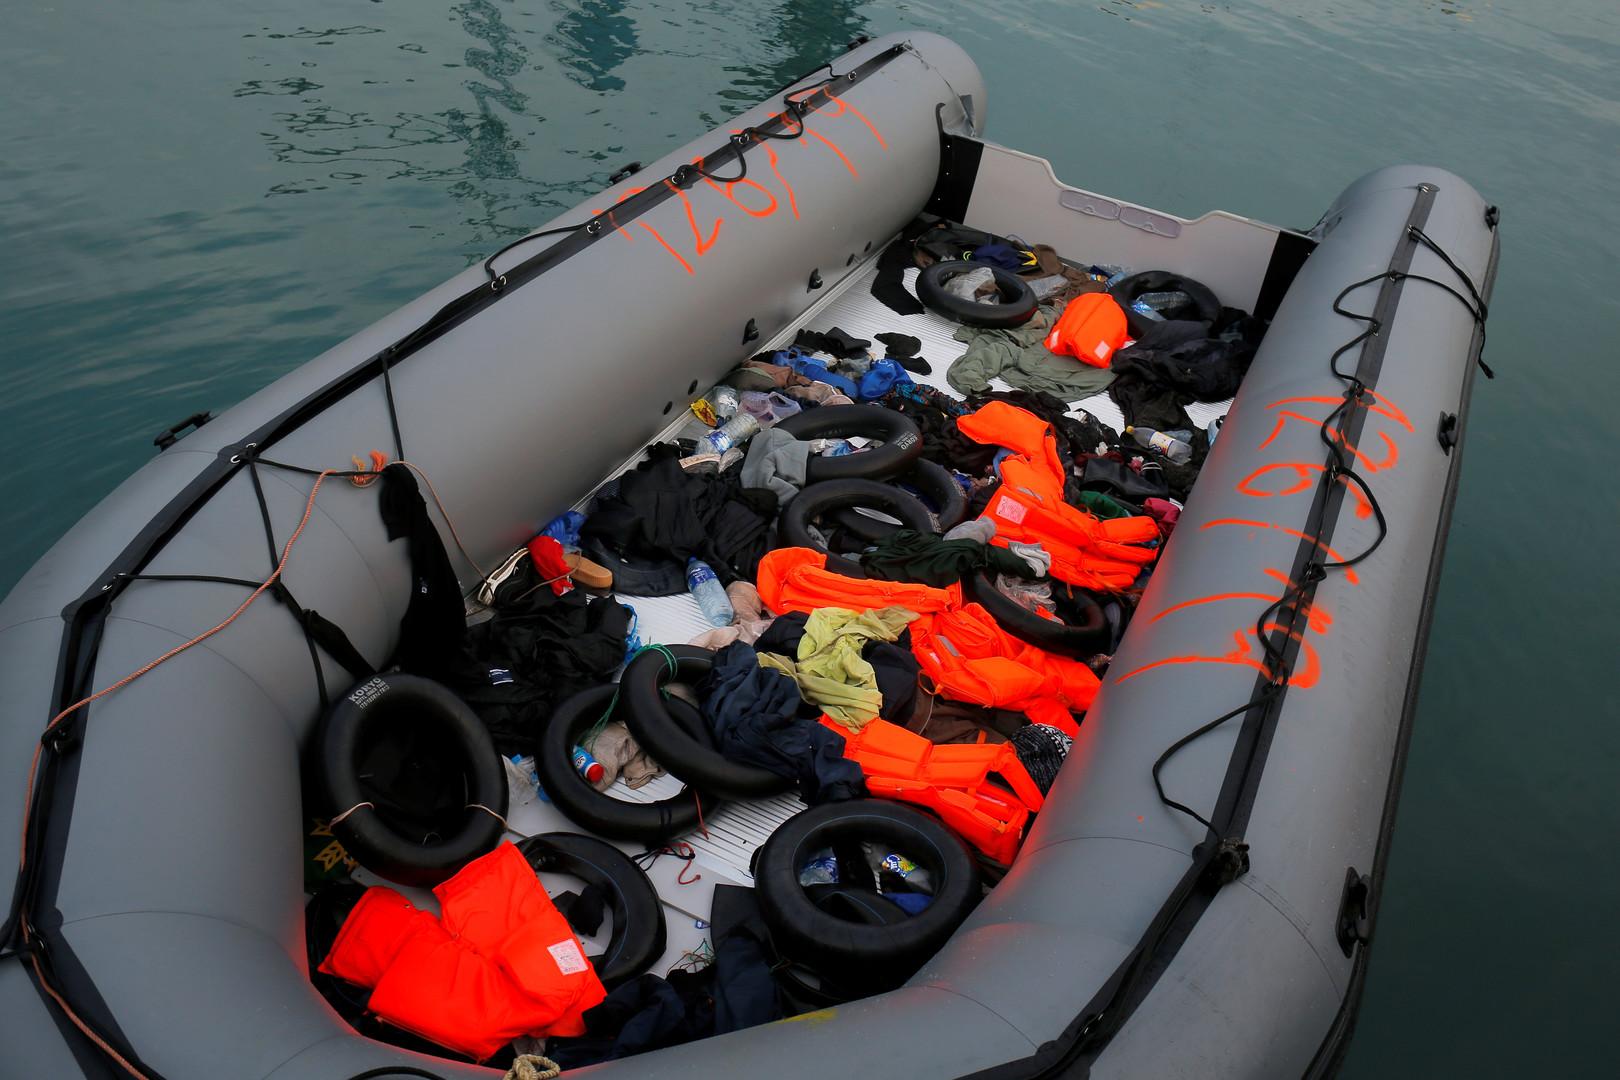 قارب مطاطي في البحر- أرشيف